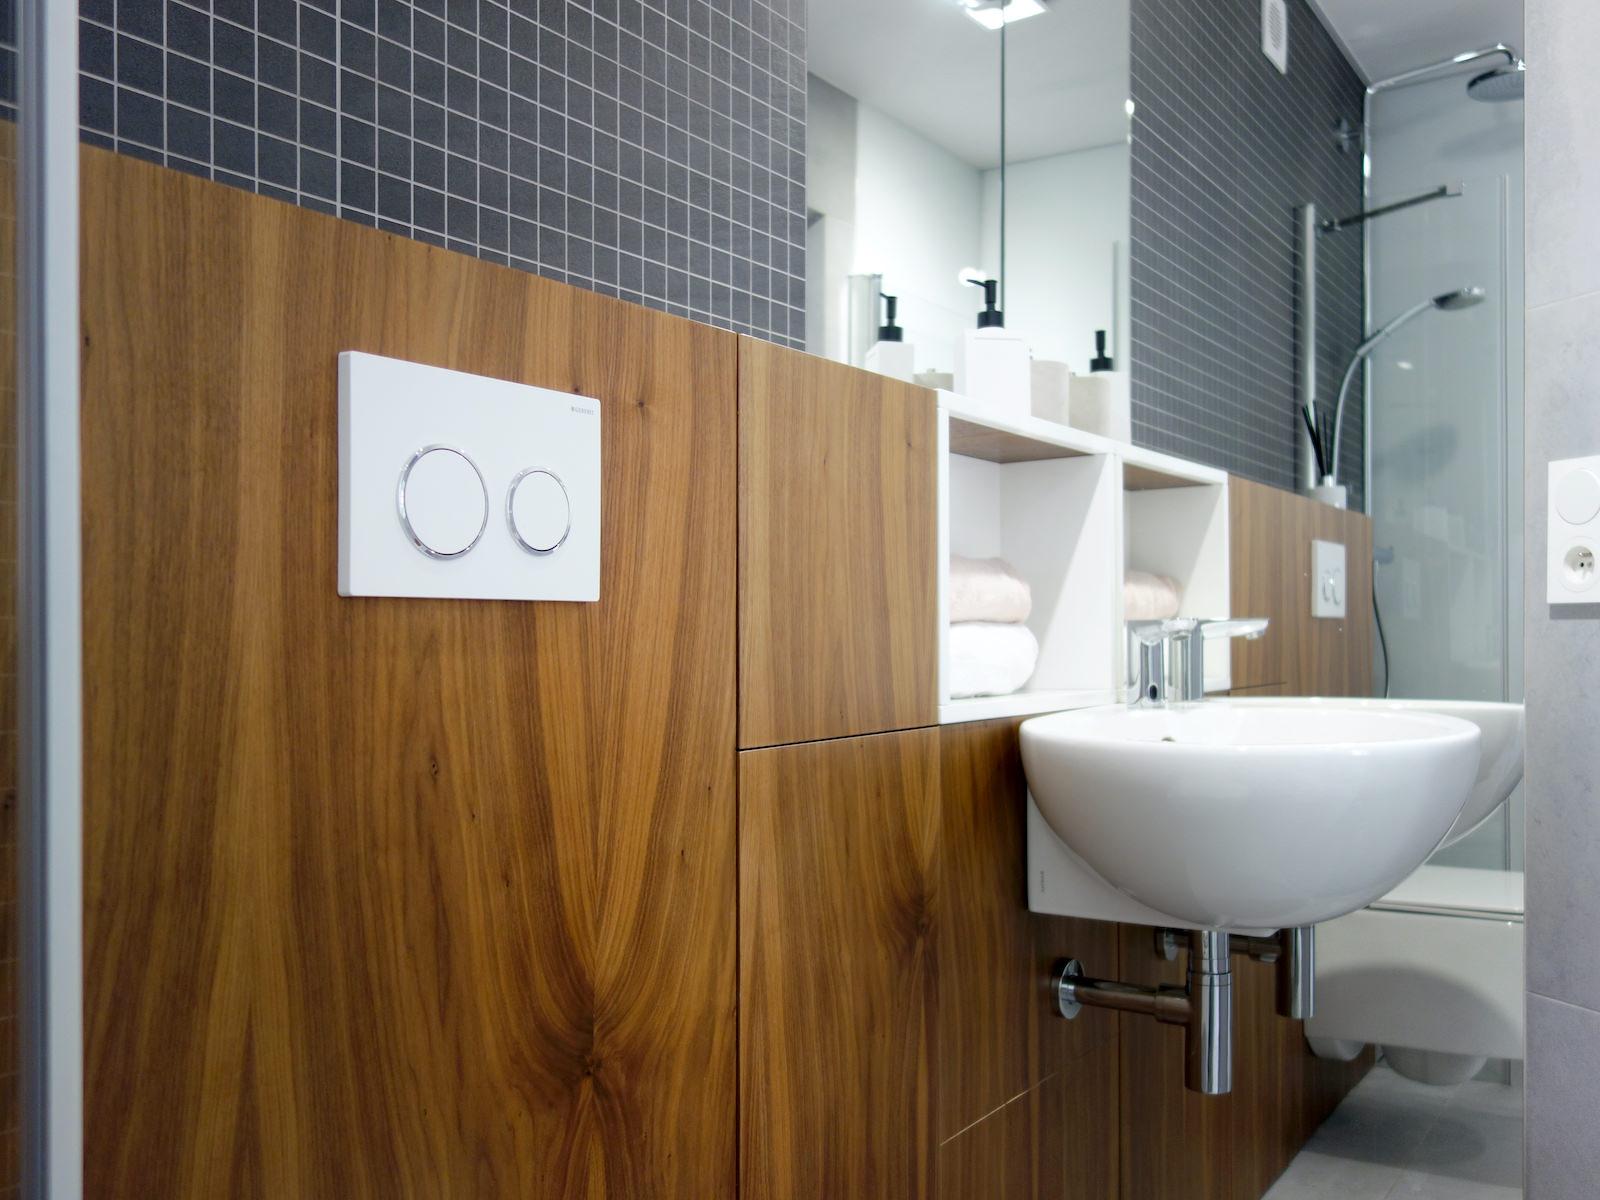 20 projektant wnetrz R056 dom dabrowa gornicza lazienka zabudowa meblowa umywalka narozna otwarta polka drewno w lazience